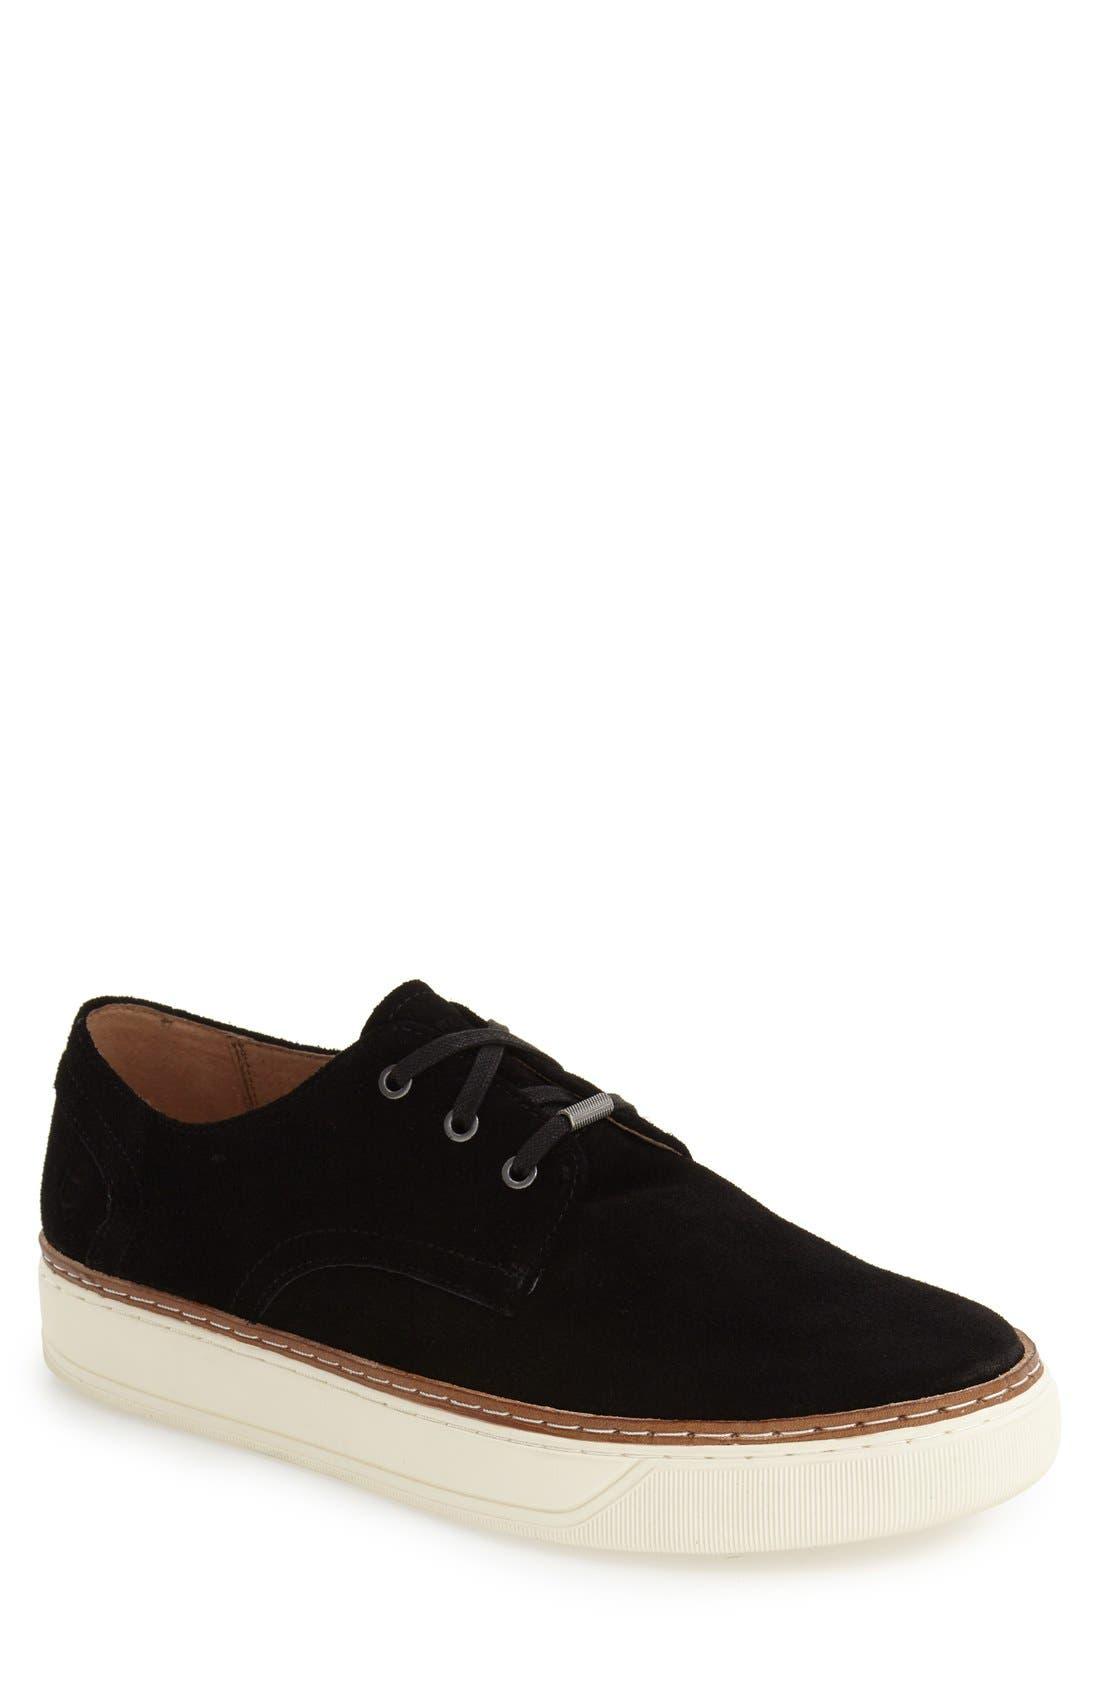 'Edson' Sneaker,                         Main,                         color, 008